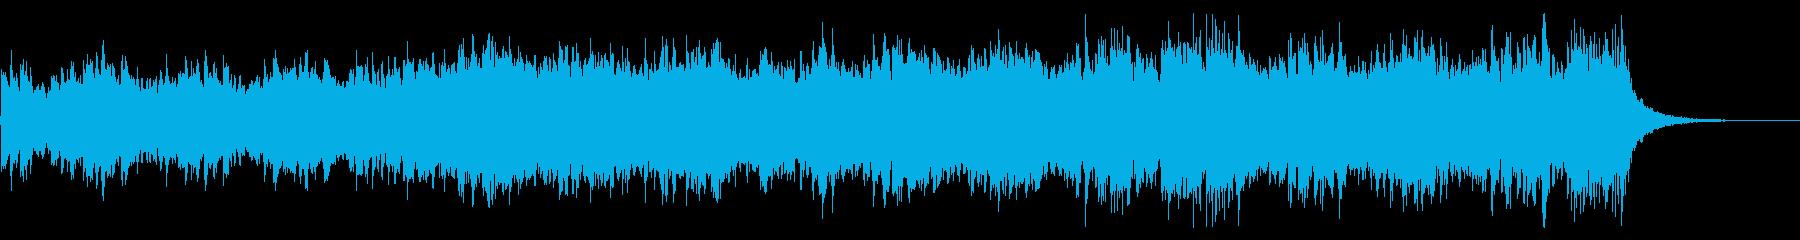 トロピカルハウスの再生済みの波形